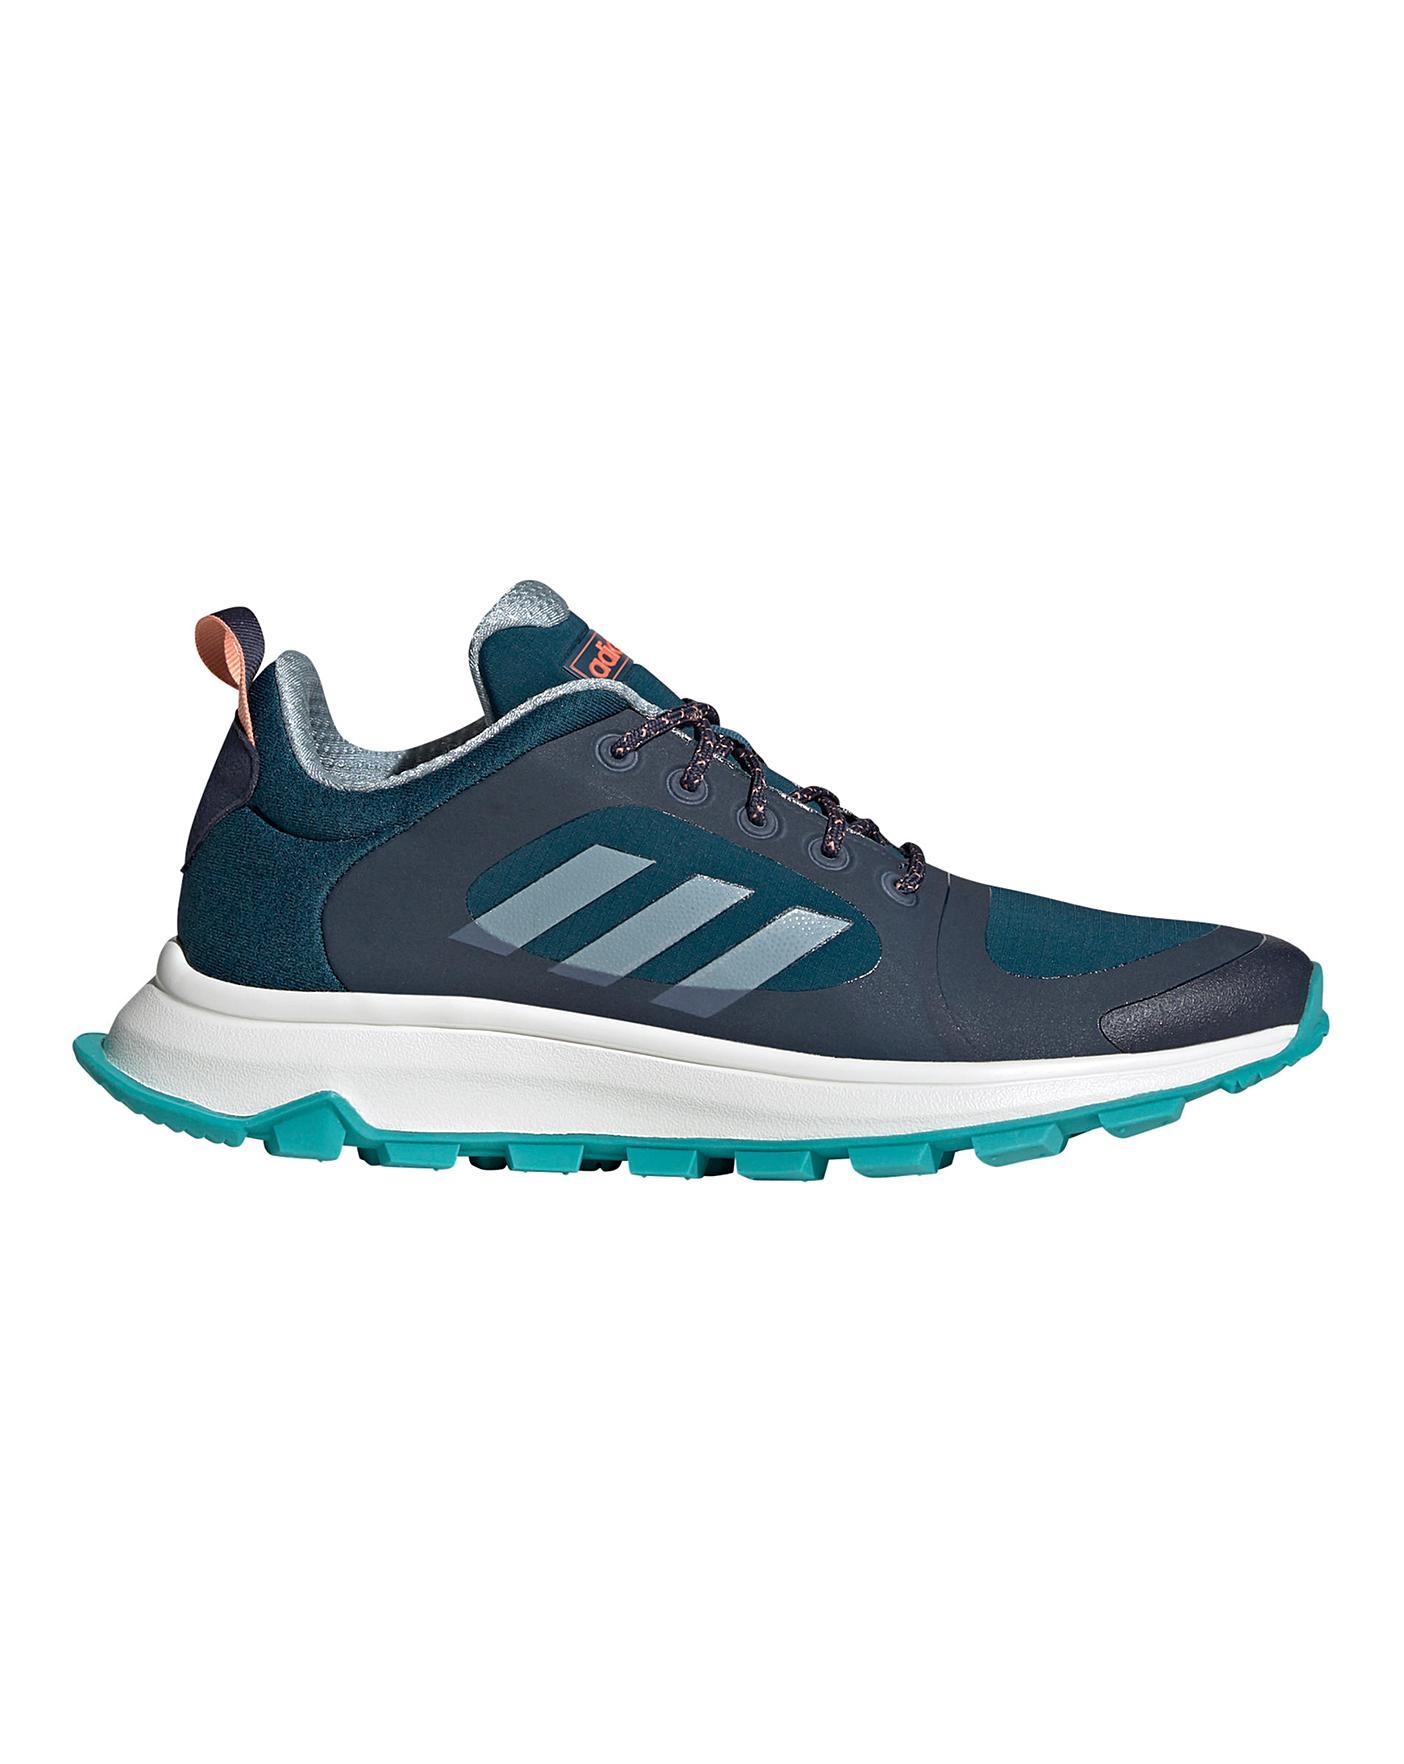 adidas response trail shoes